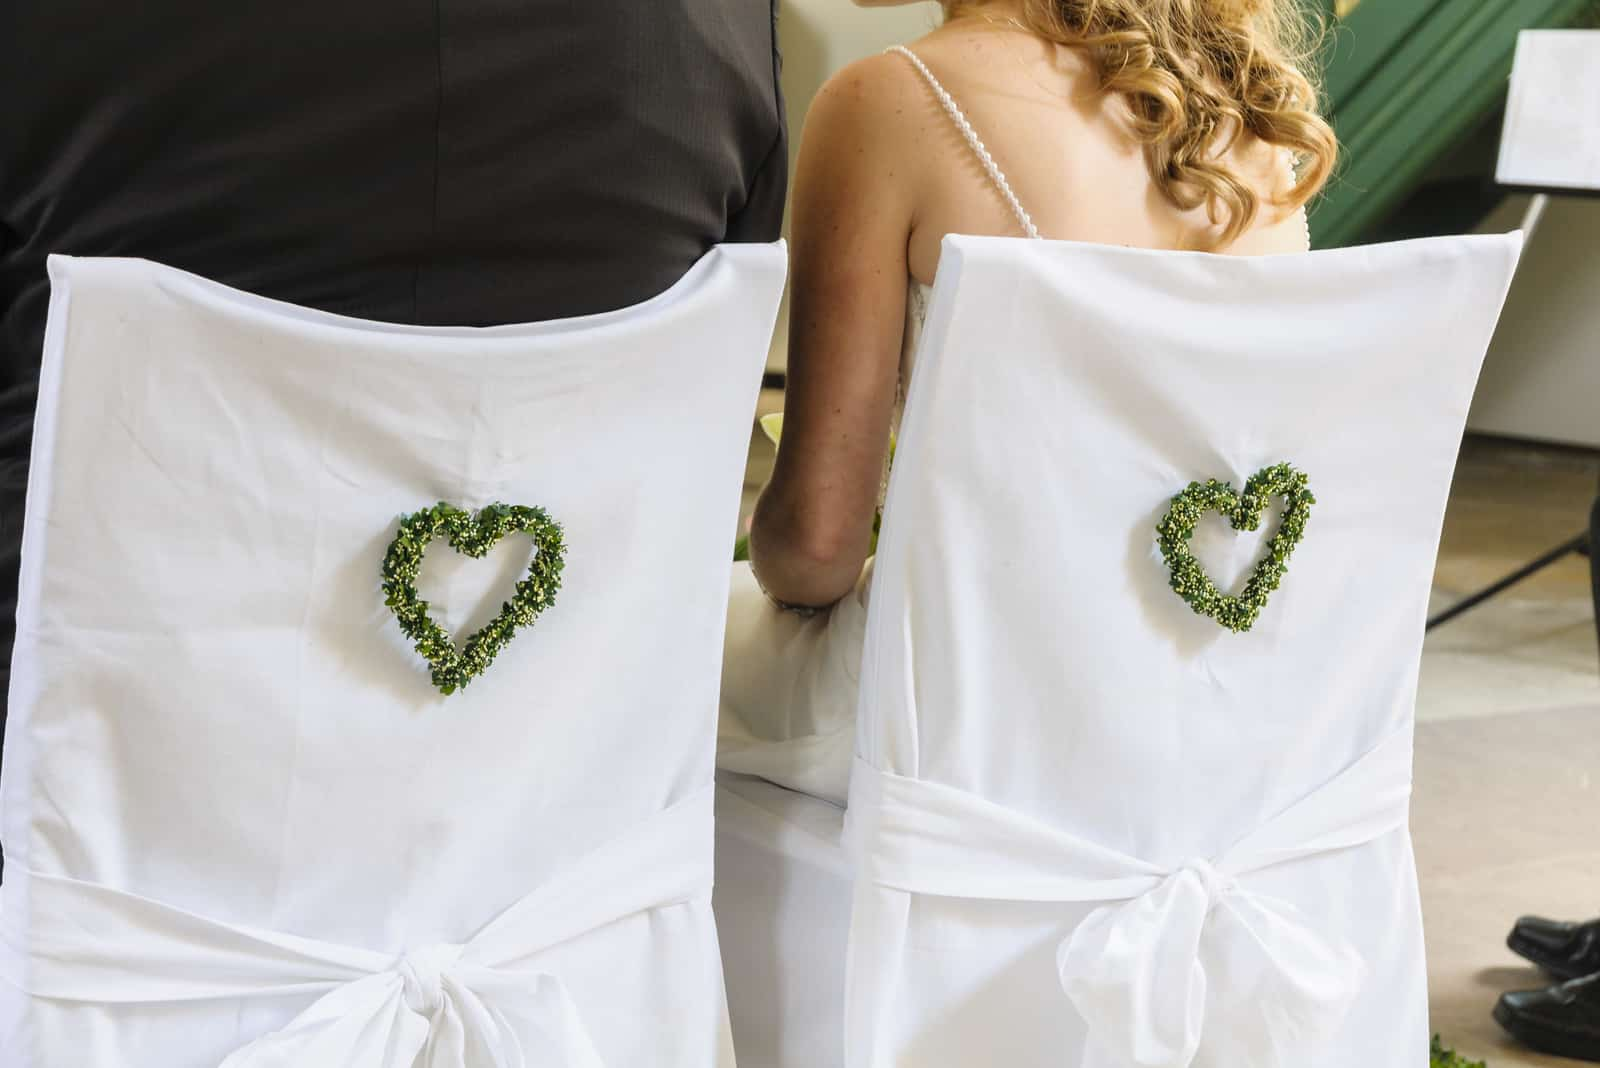 Braut und Bräutigam sitzen auf Hochzeitsstühlen